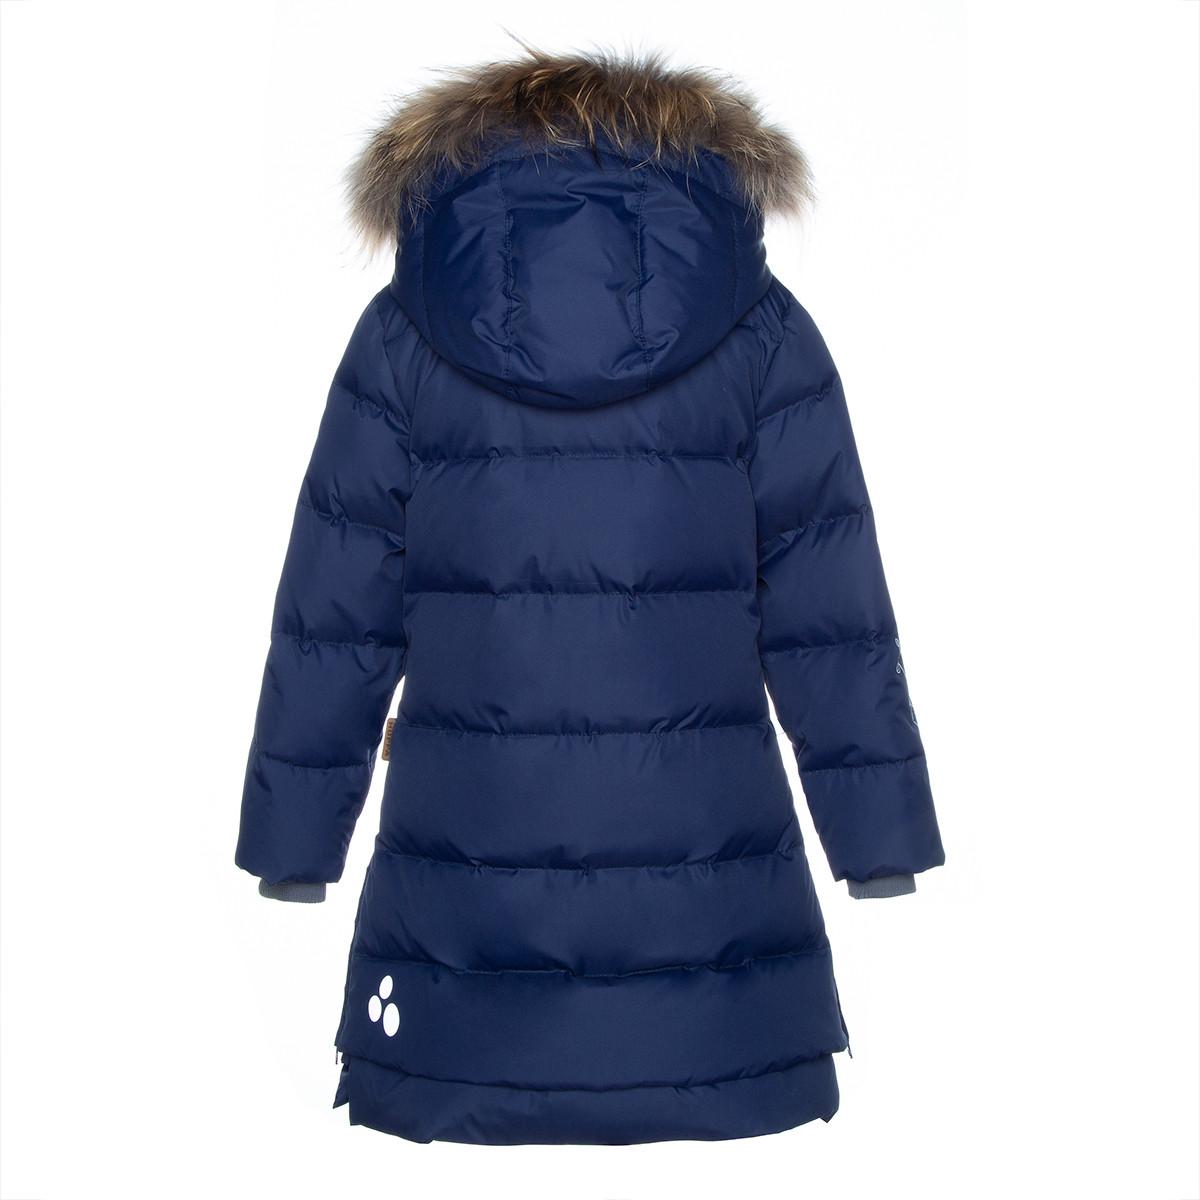 Пальто для девочек Huppa PARISH, тёмно-синий - фото 2